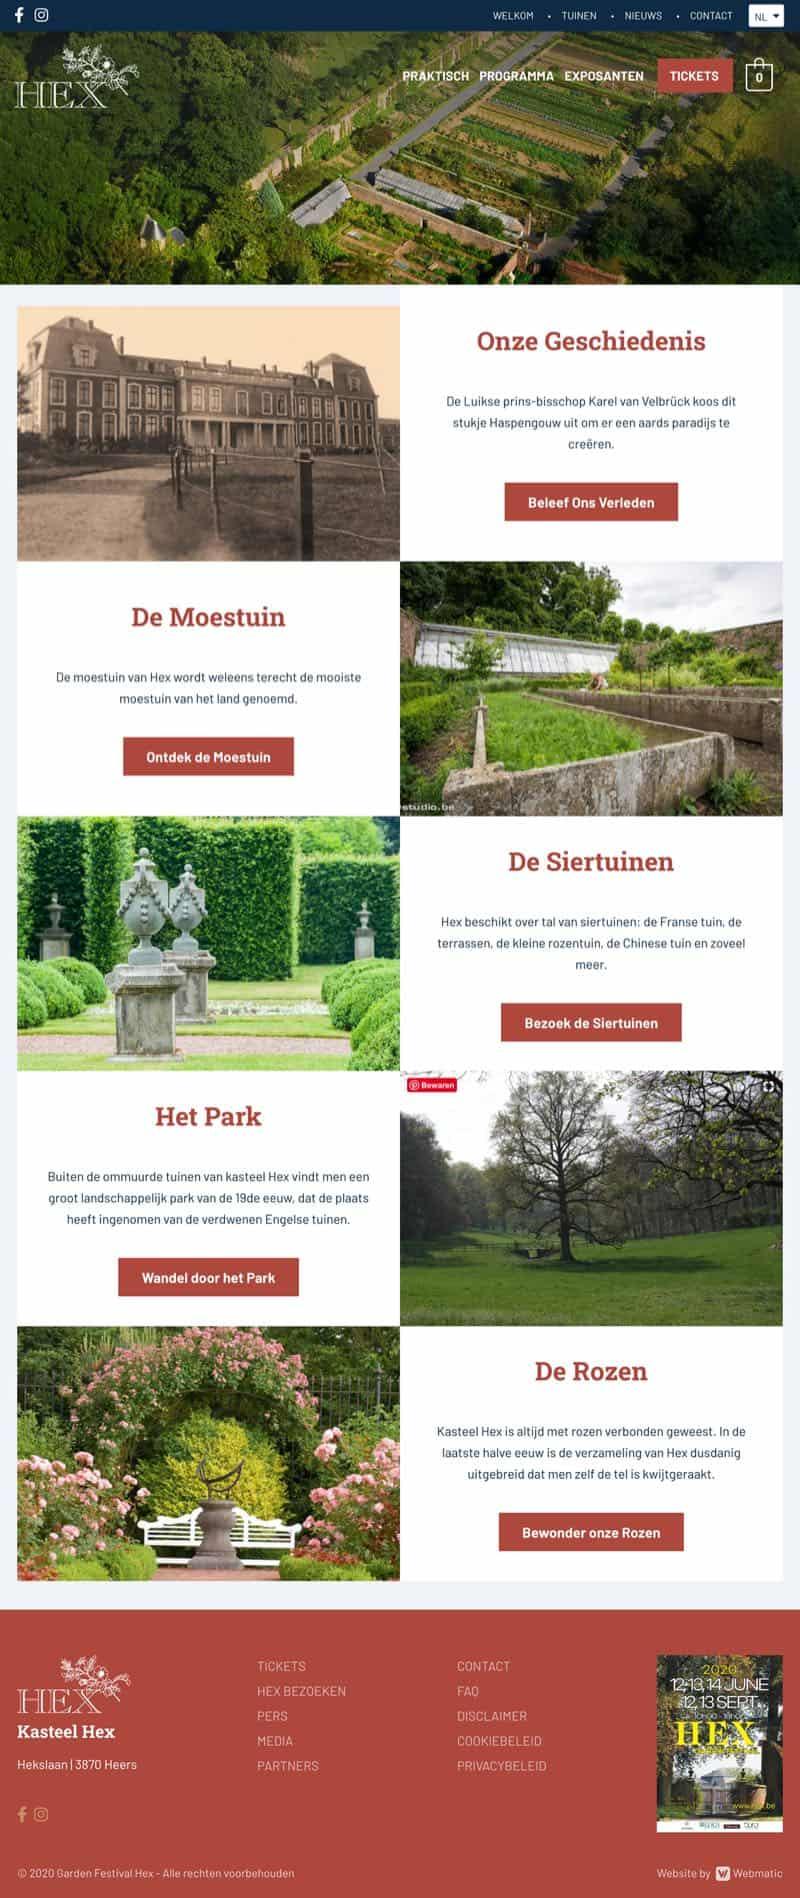 webmatic-portfolio-tuindagen-hex-14330-800